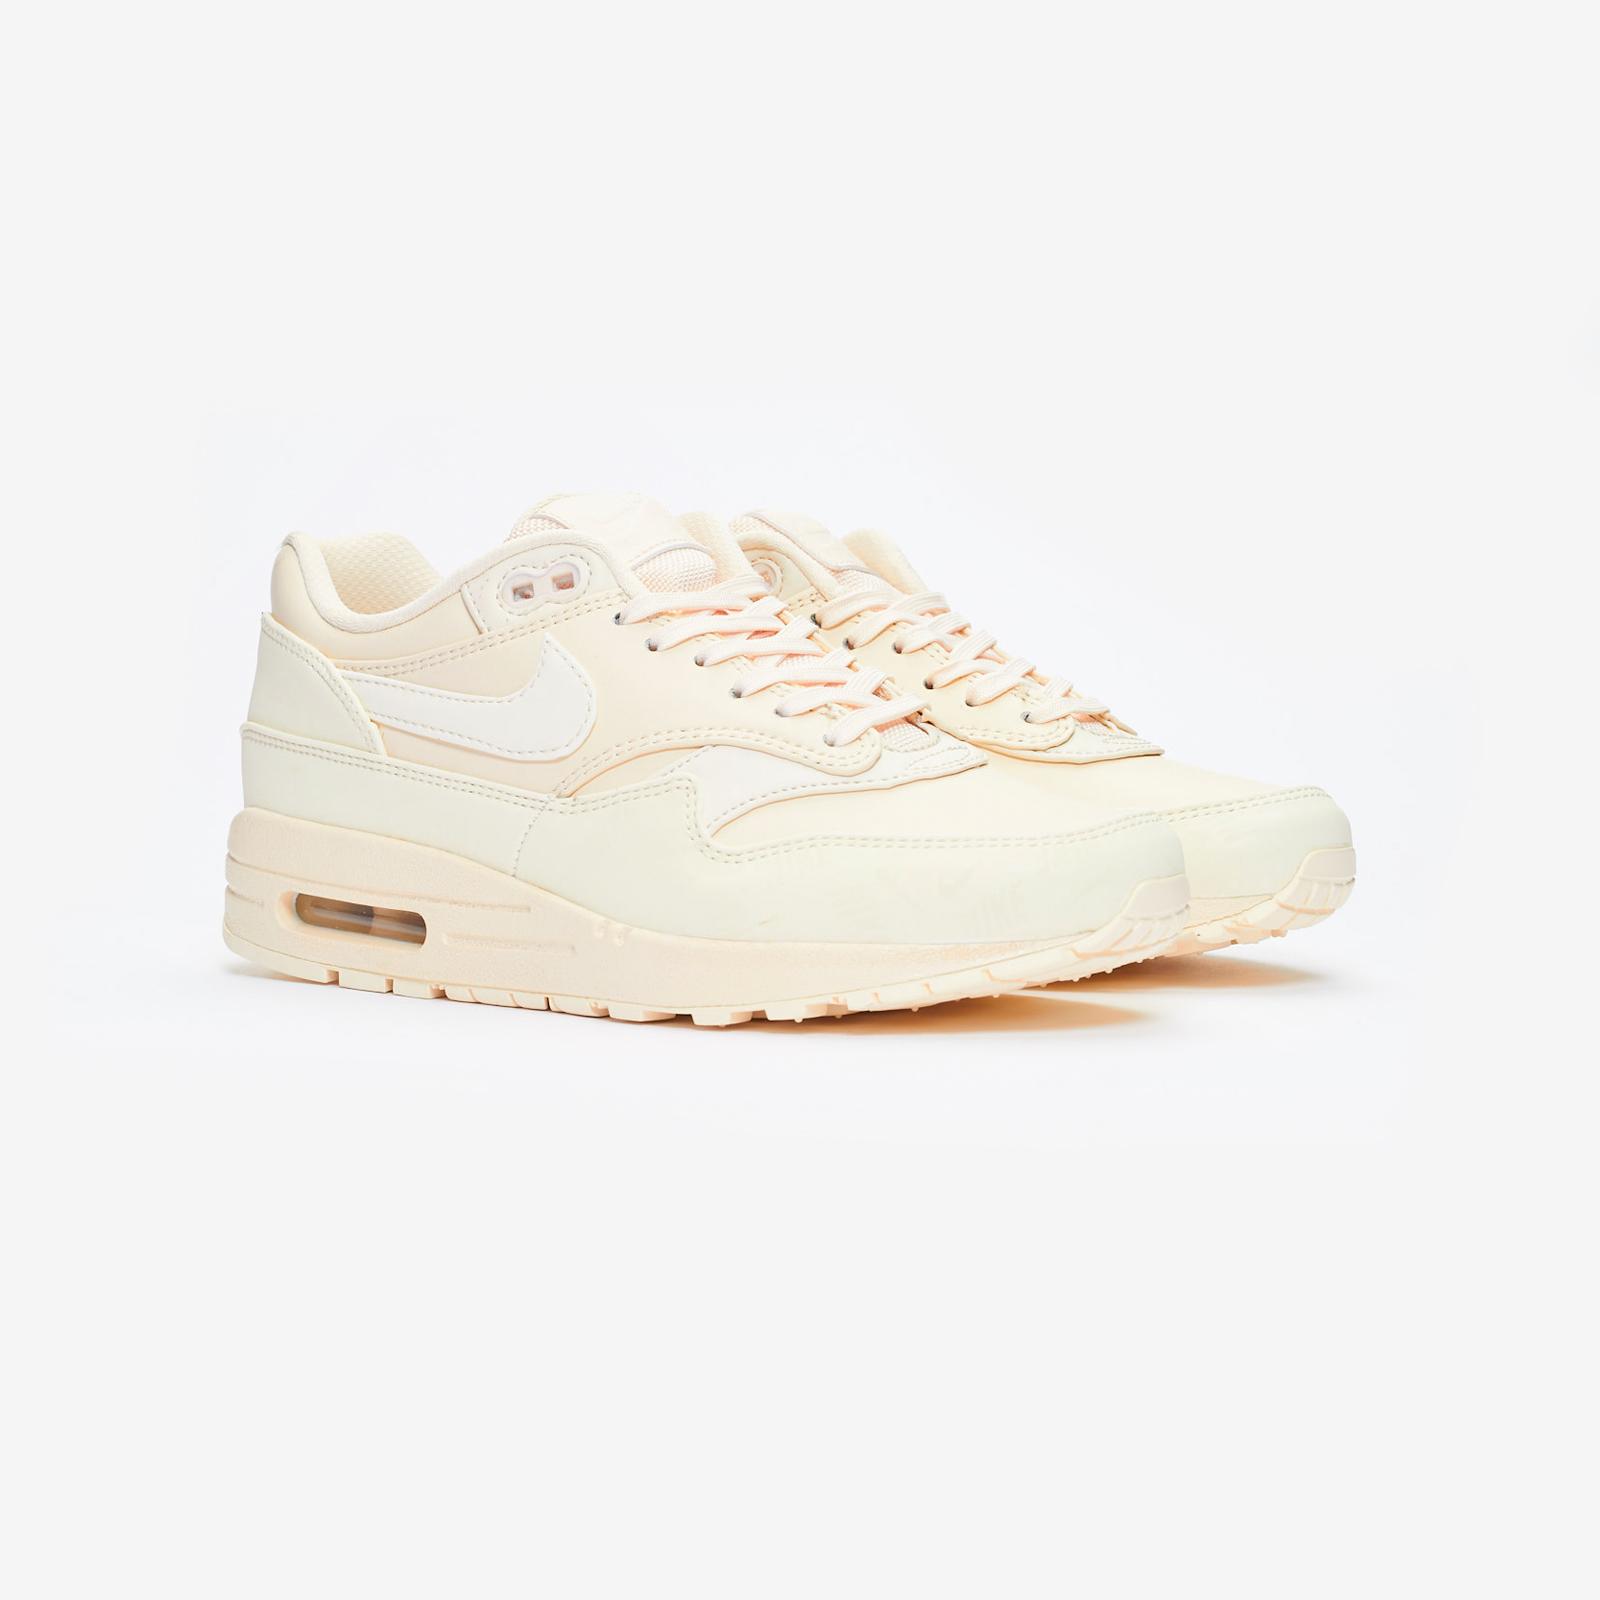 Nike Wmns Air Max 1 LX 917691 801 Sneakersnstuff